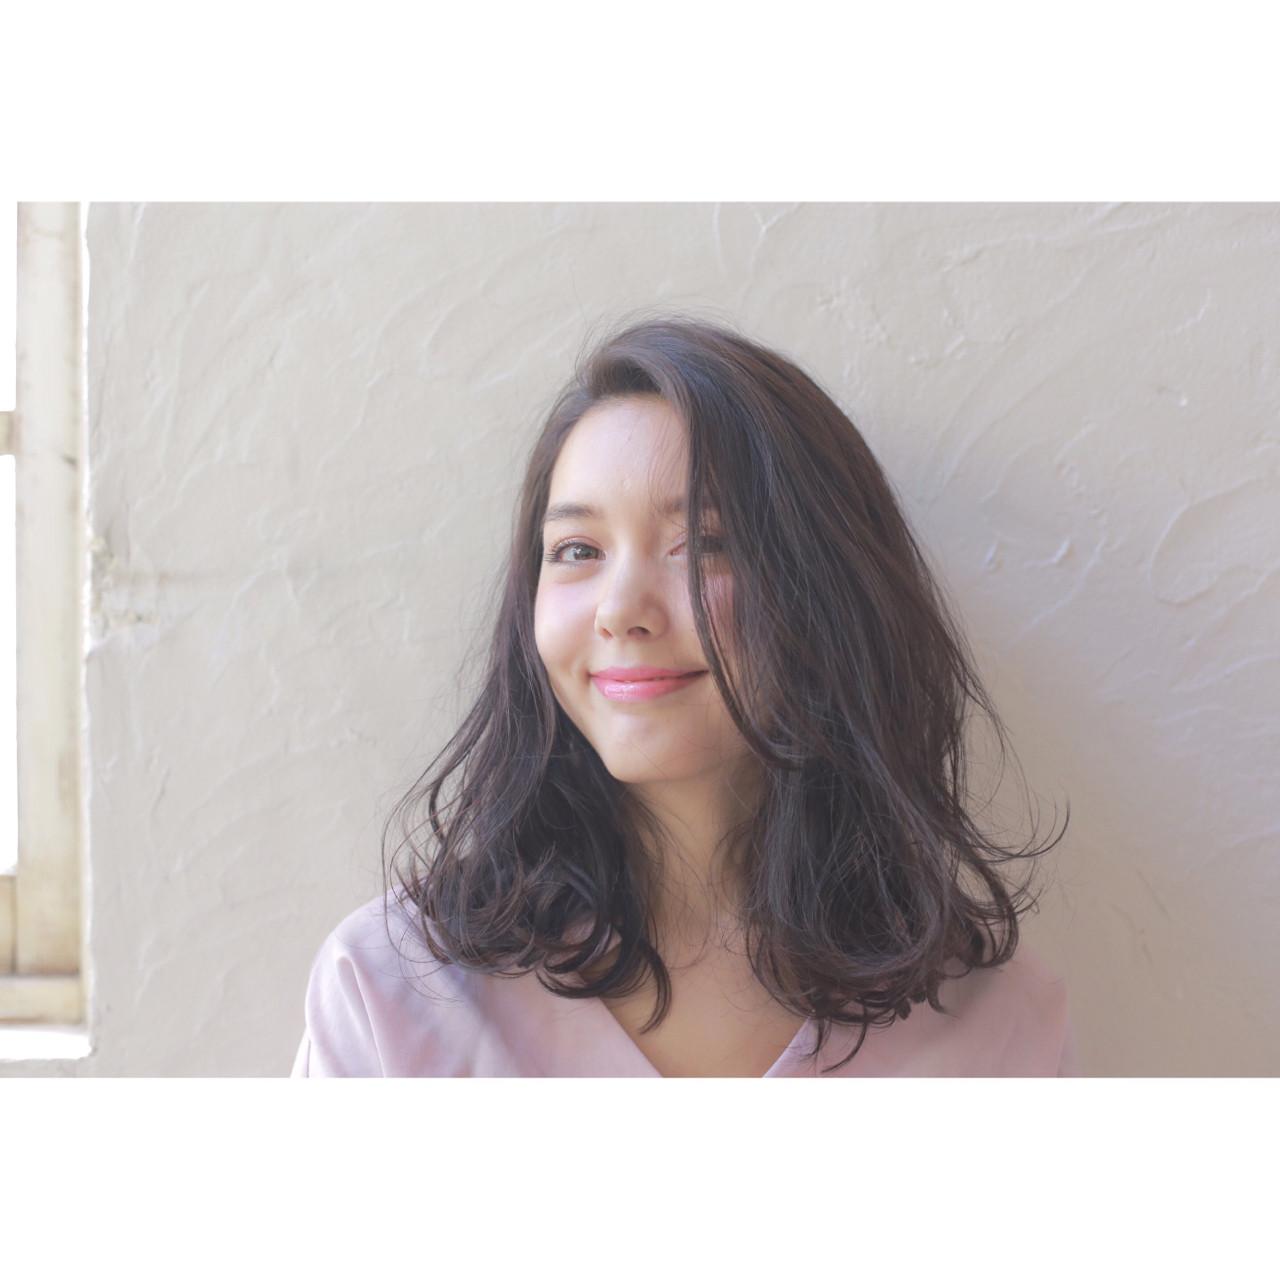 ニュアンス 大人女子 小顔 黒髪 ヘアスタイルや髪型の写真・画像